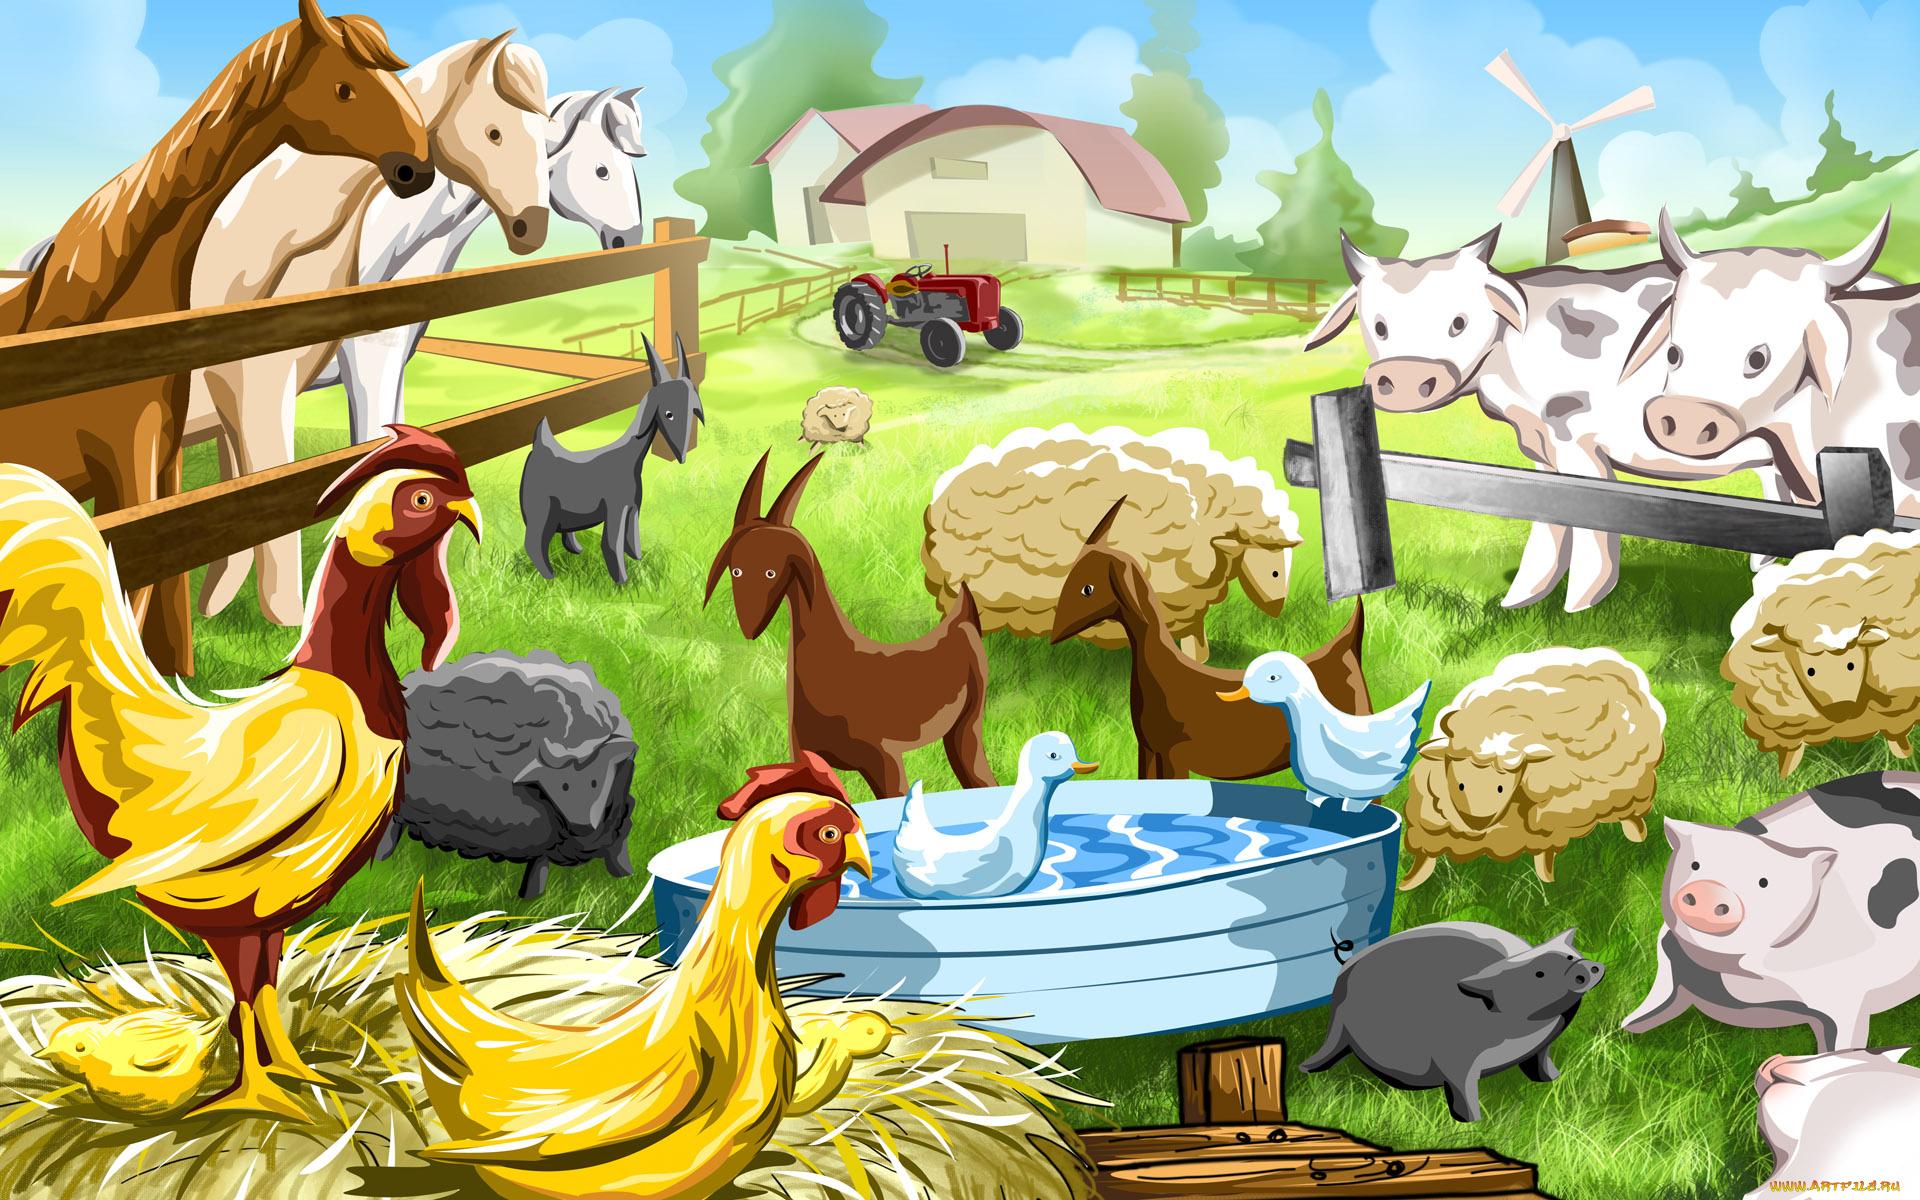 Рисованные картинки для детей домашние животные, марта